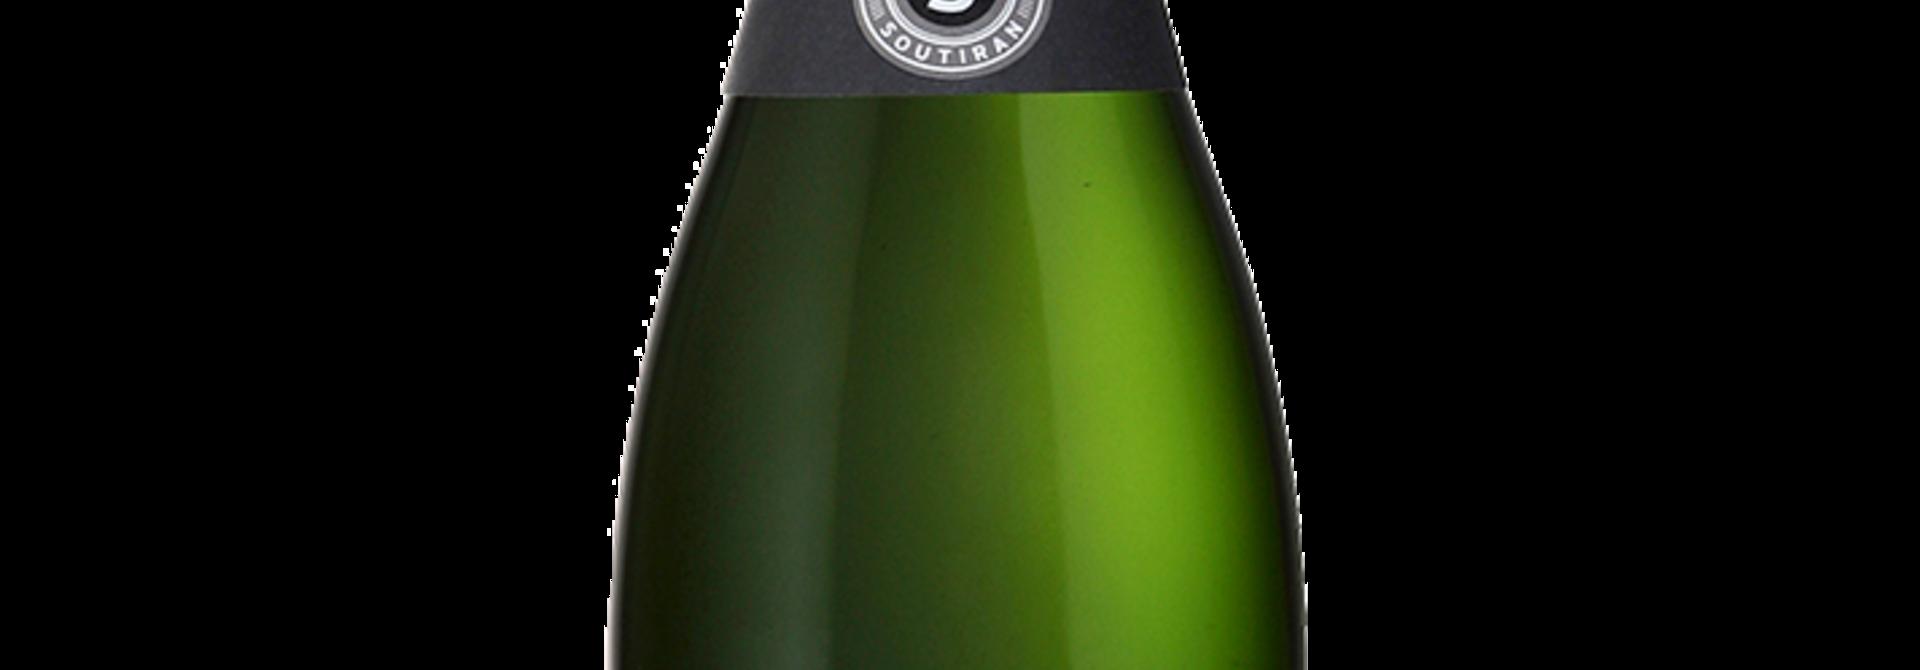 Champagne Soutiran Cuvee Brut Nature Grand Cru